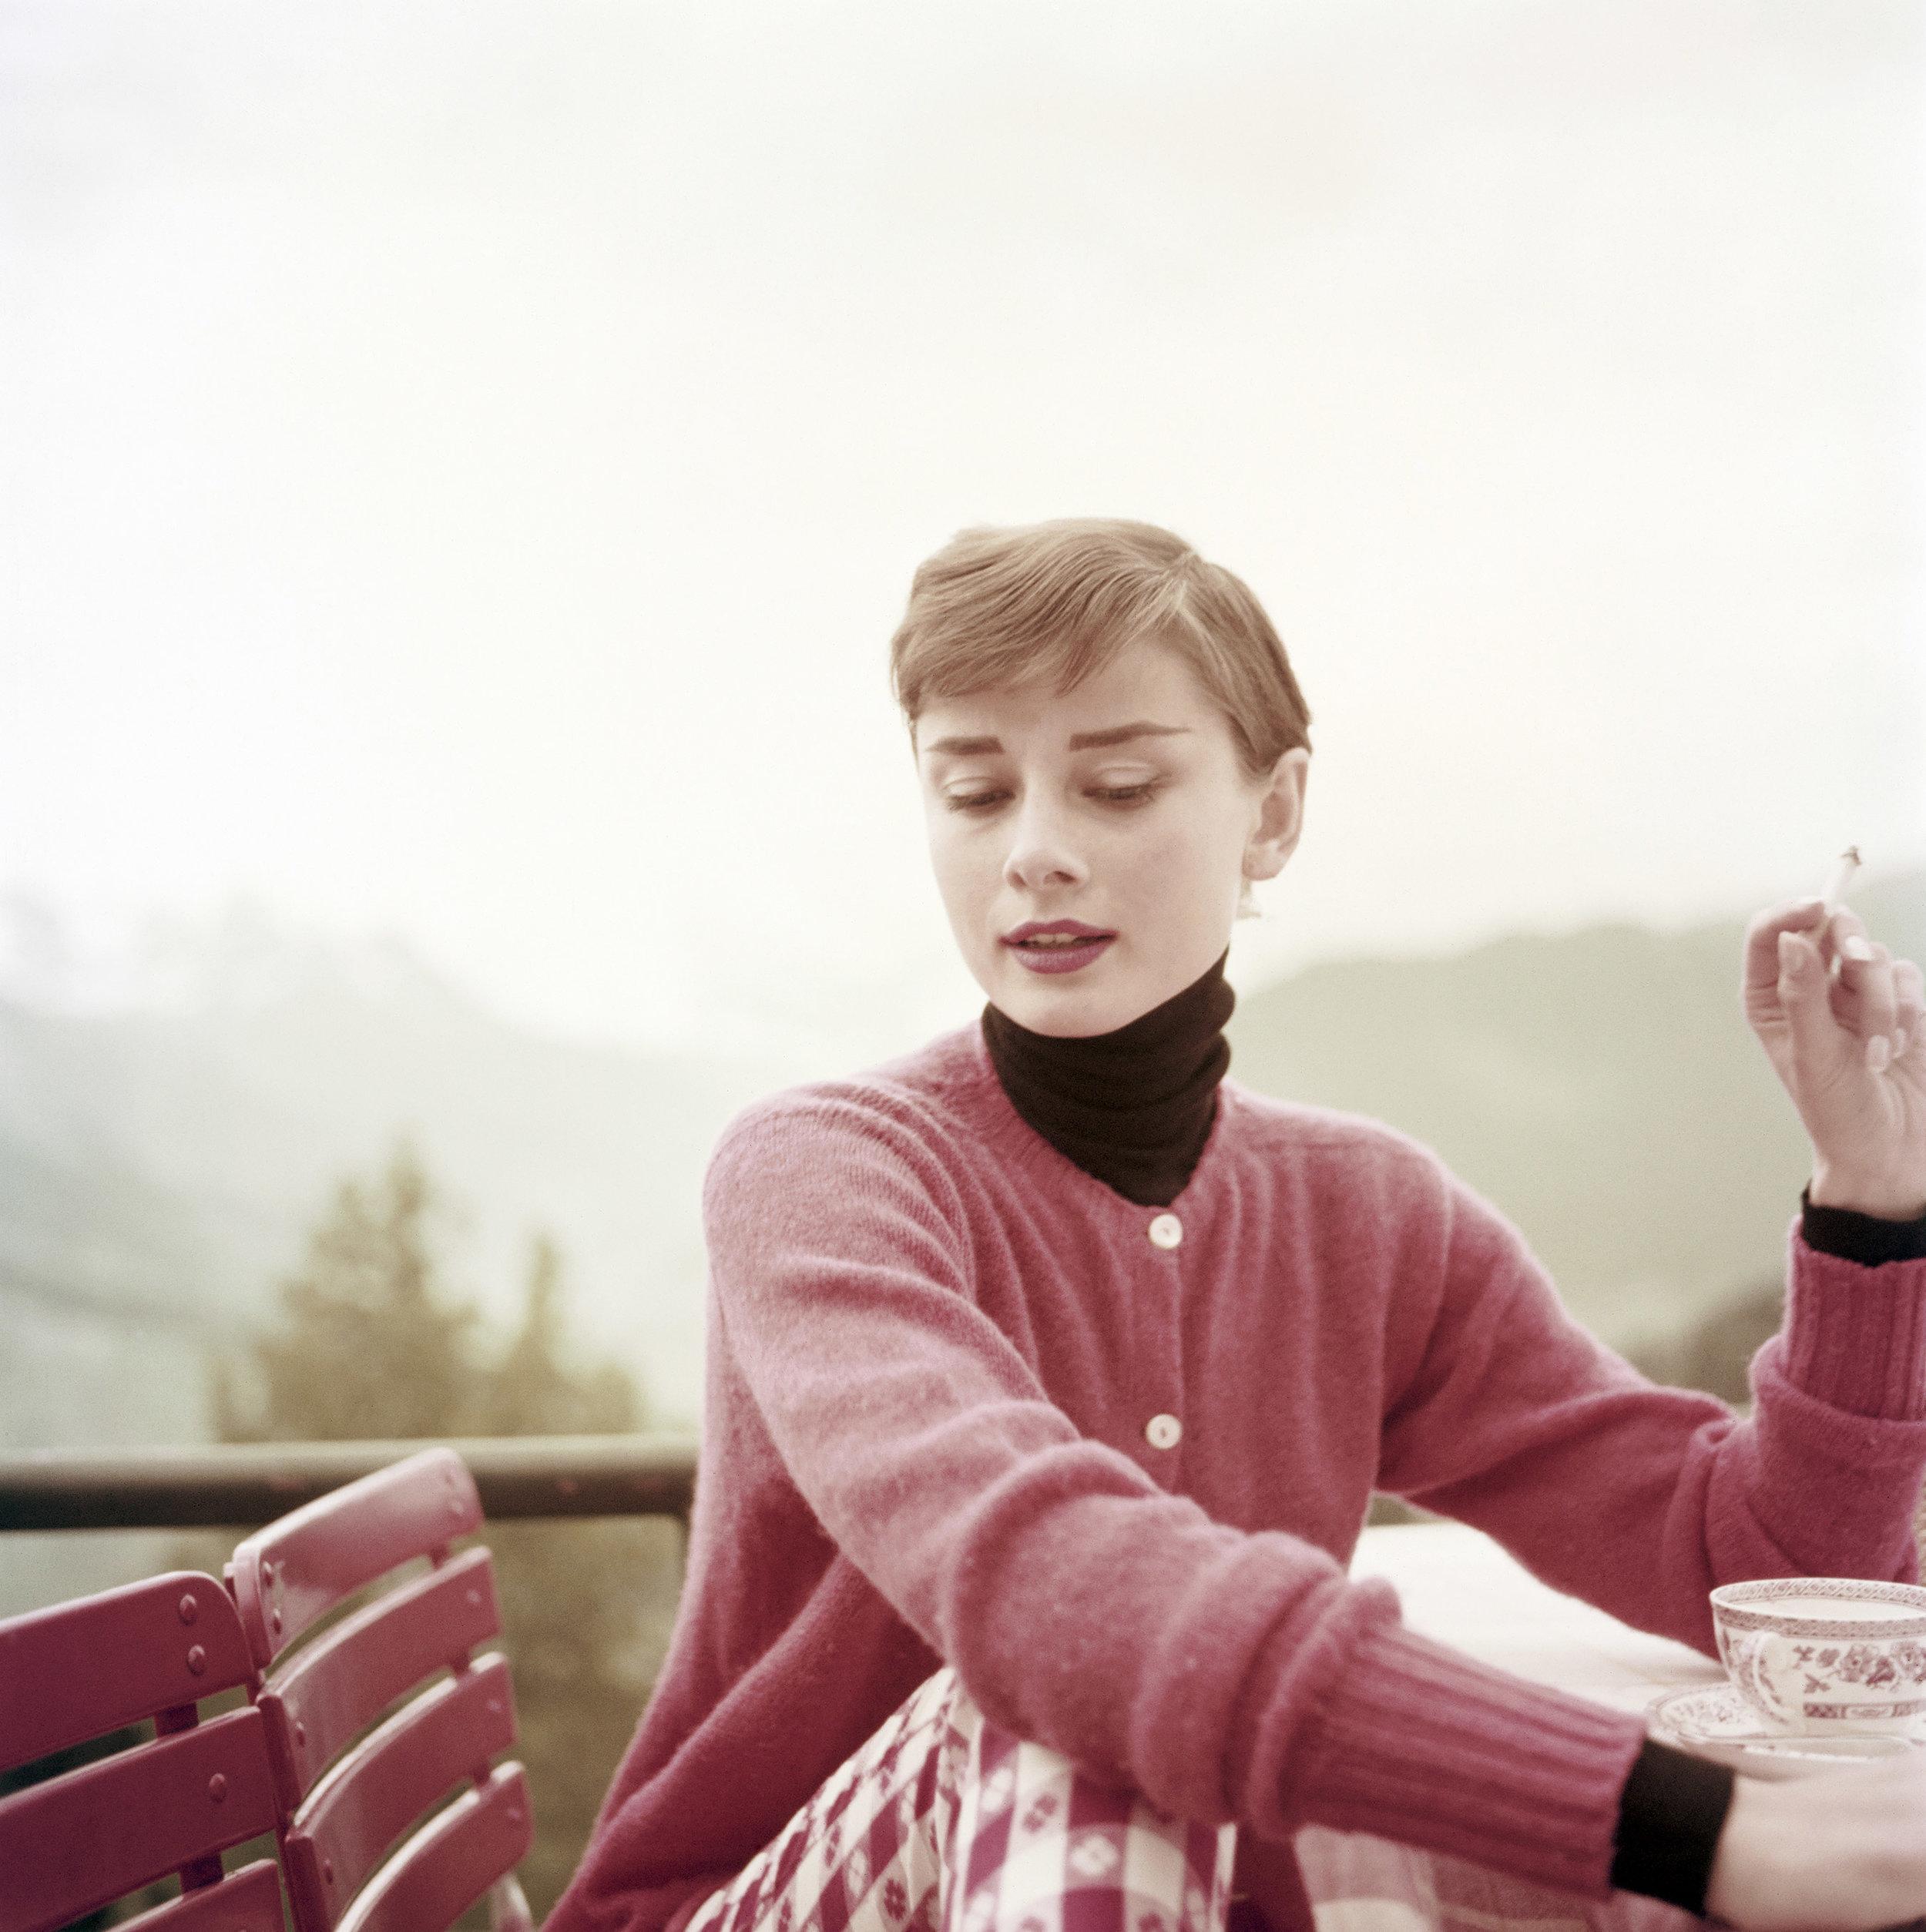 audrey hepburn 7 2 - O que as mulheres incríveis veem no espelho?